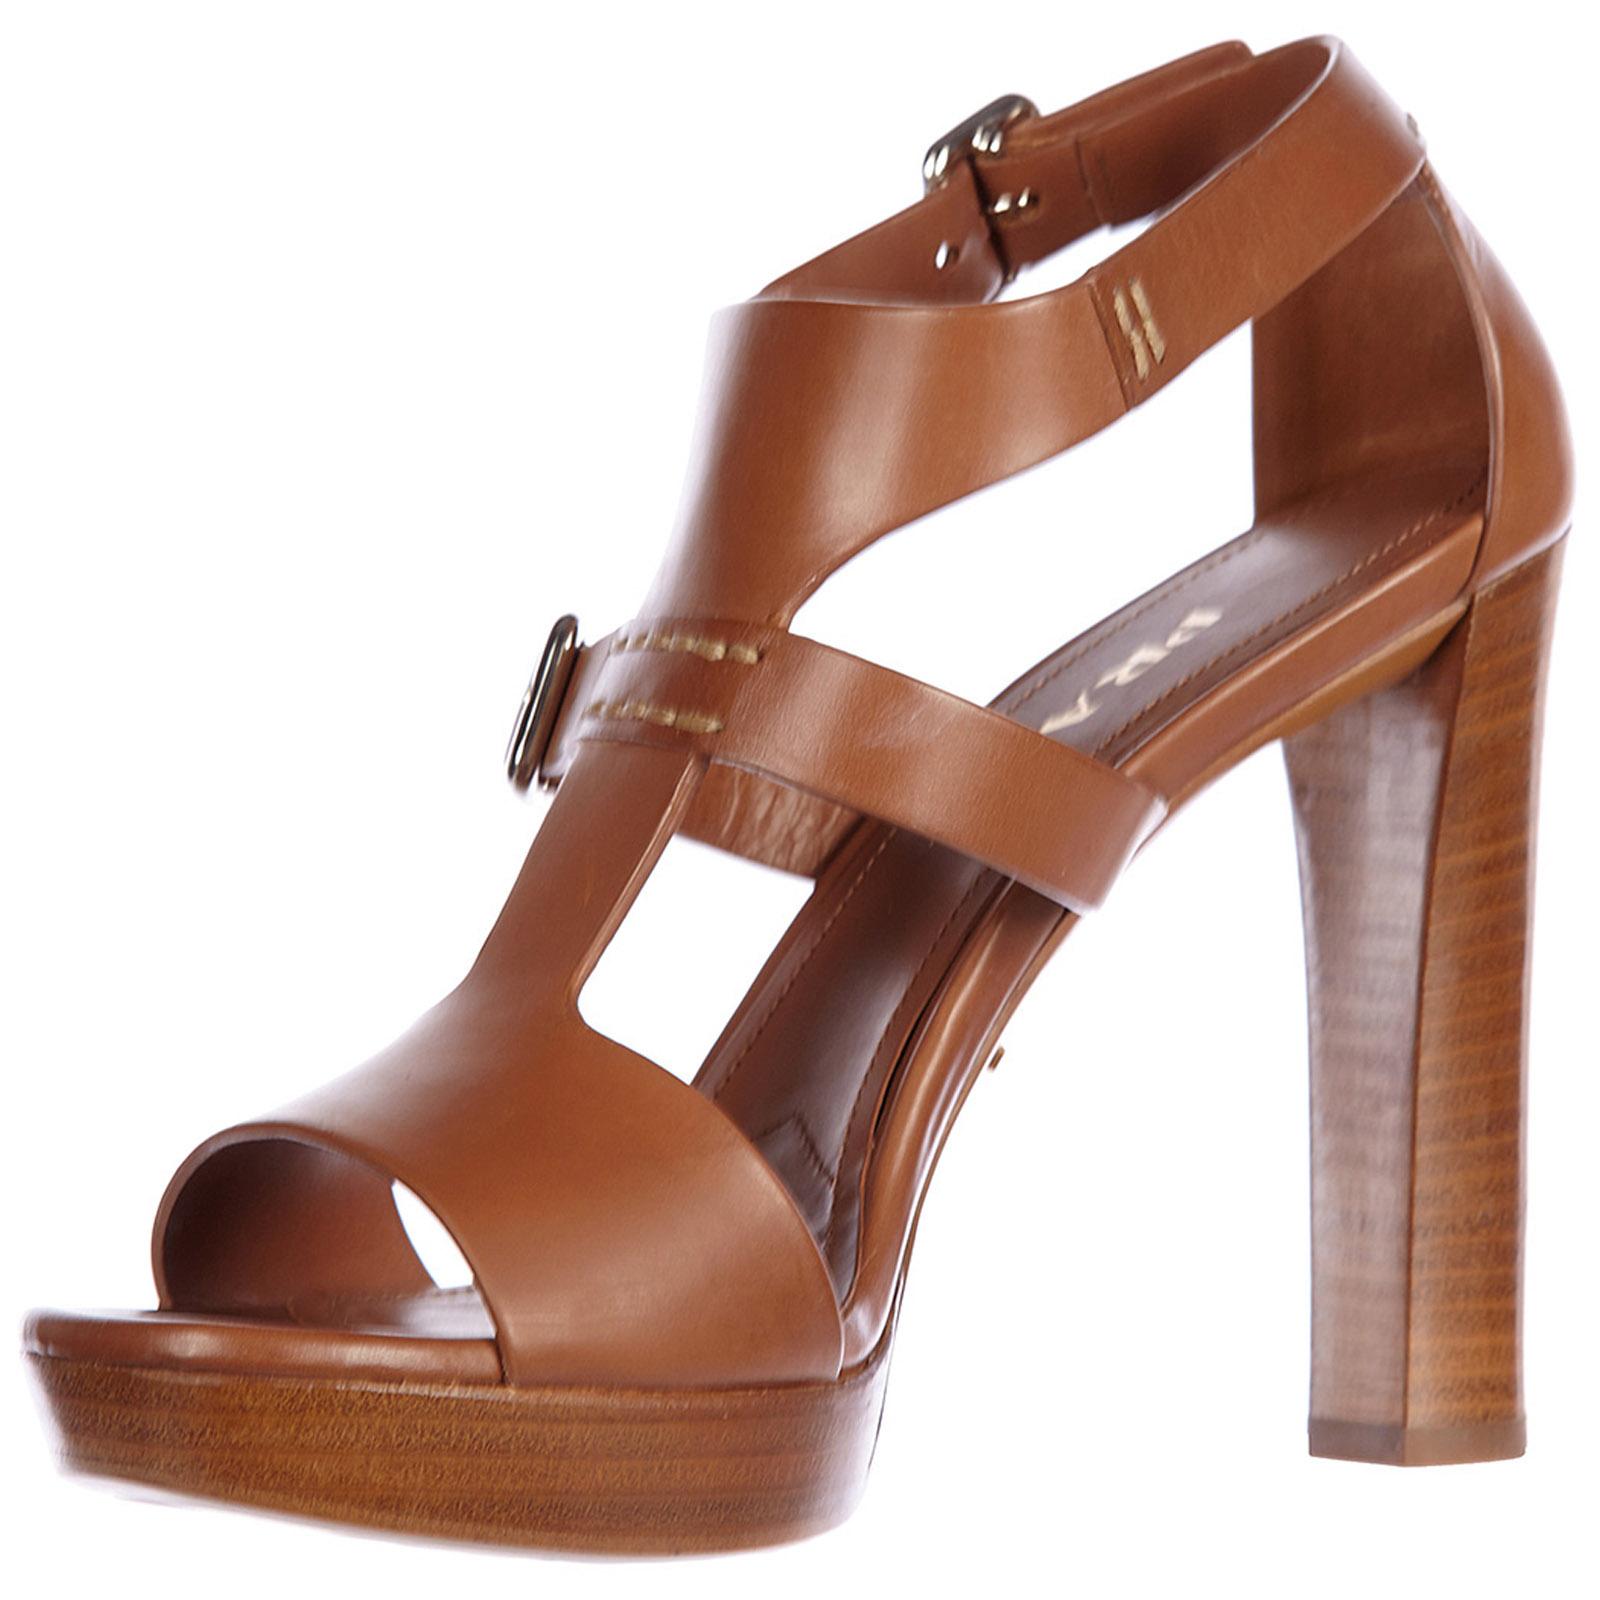 сандалии женские на каблуке кожаные vitello lux